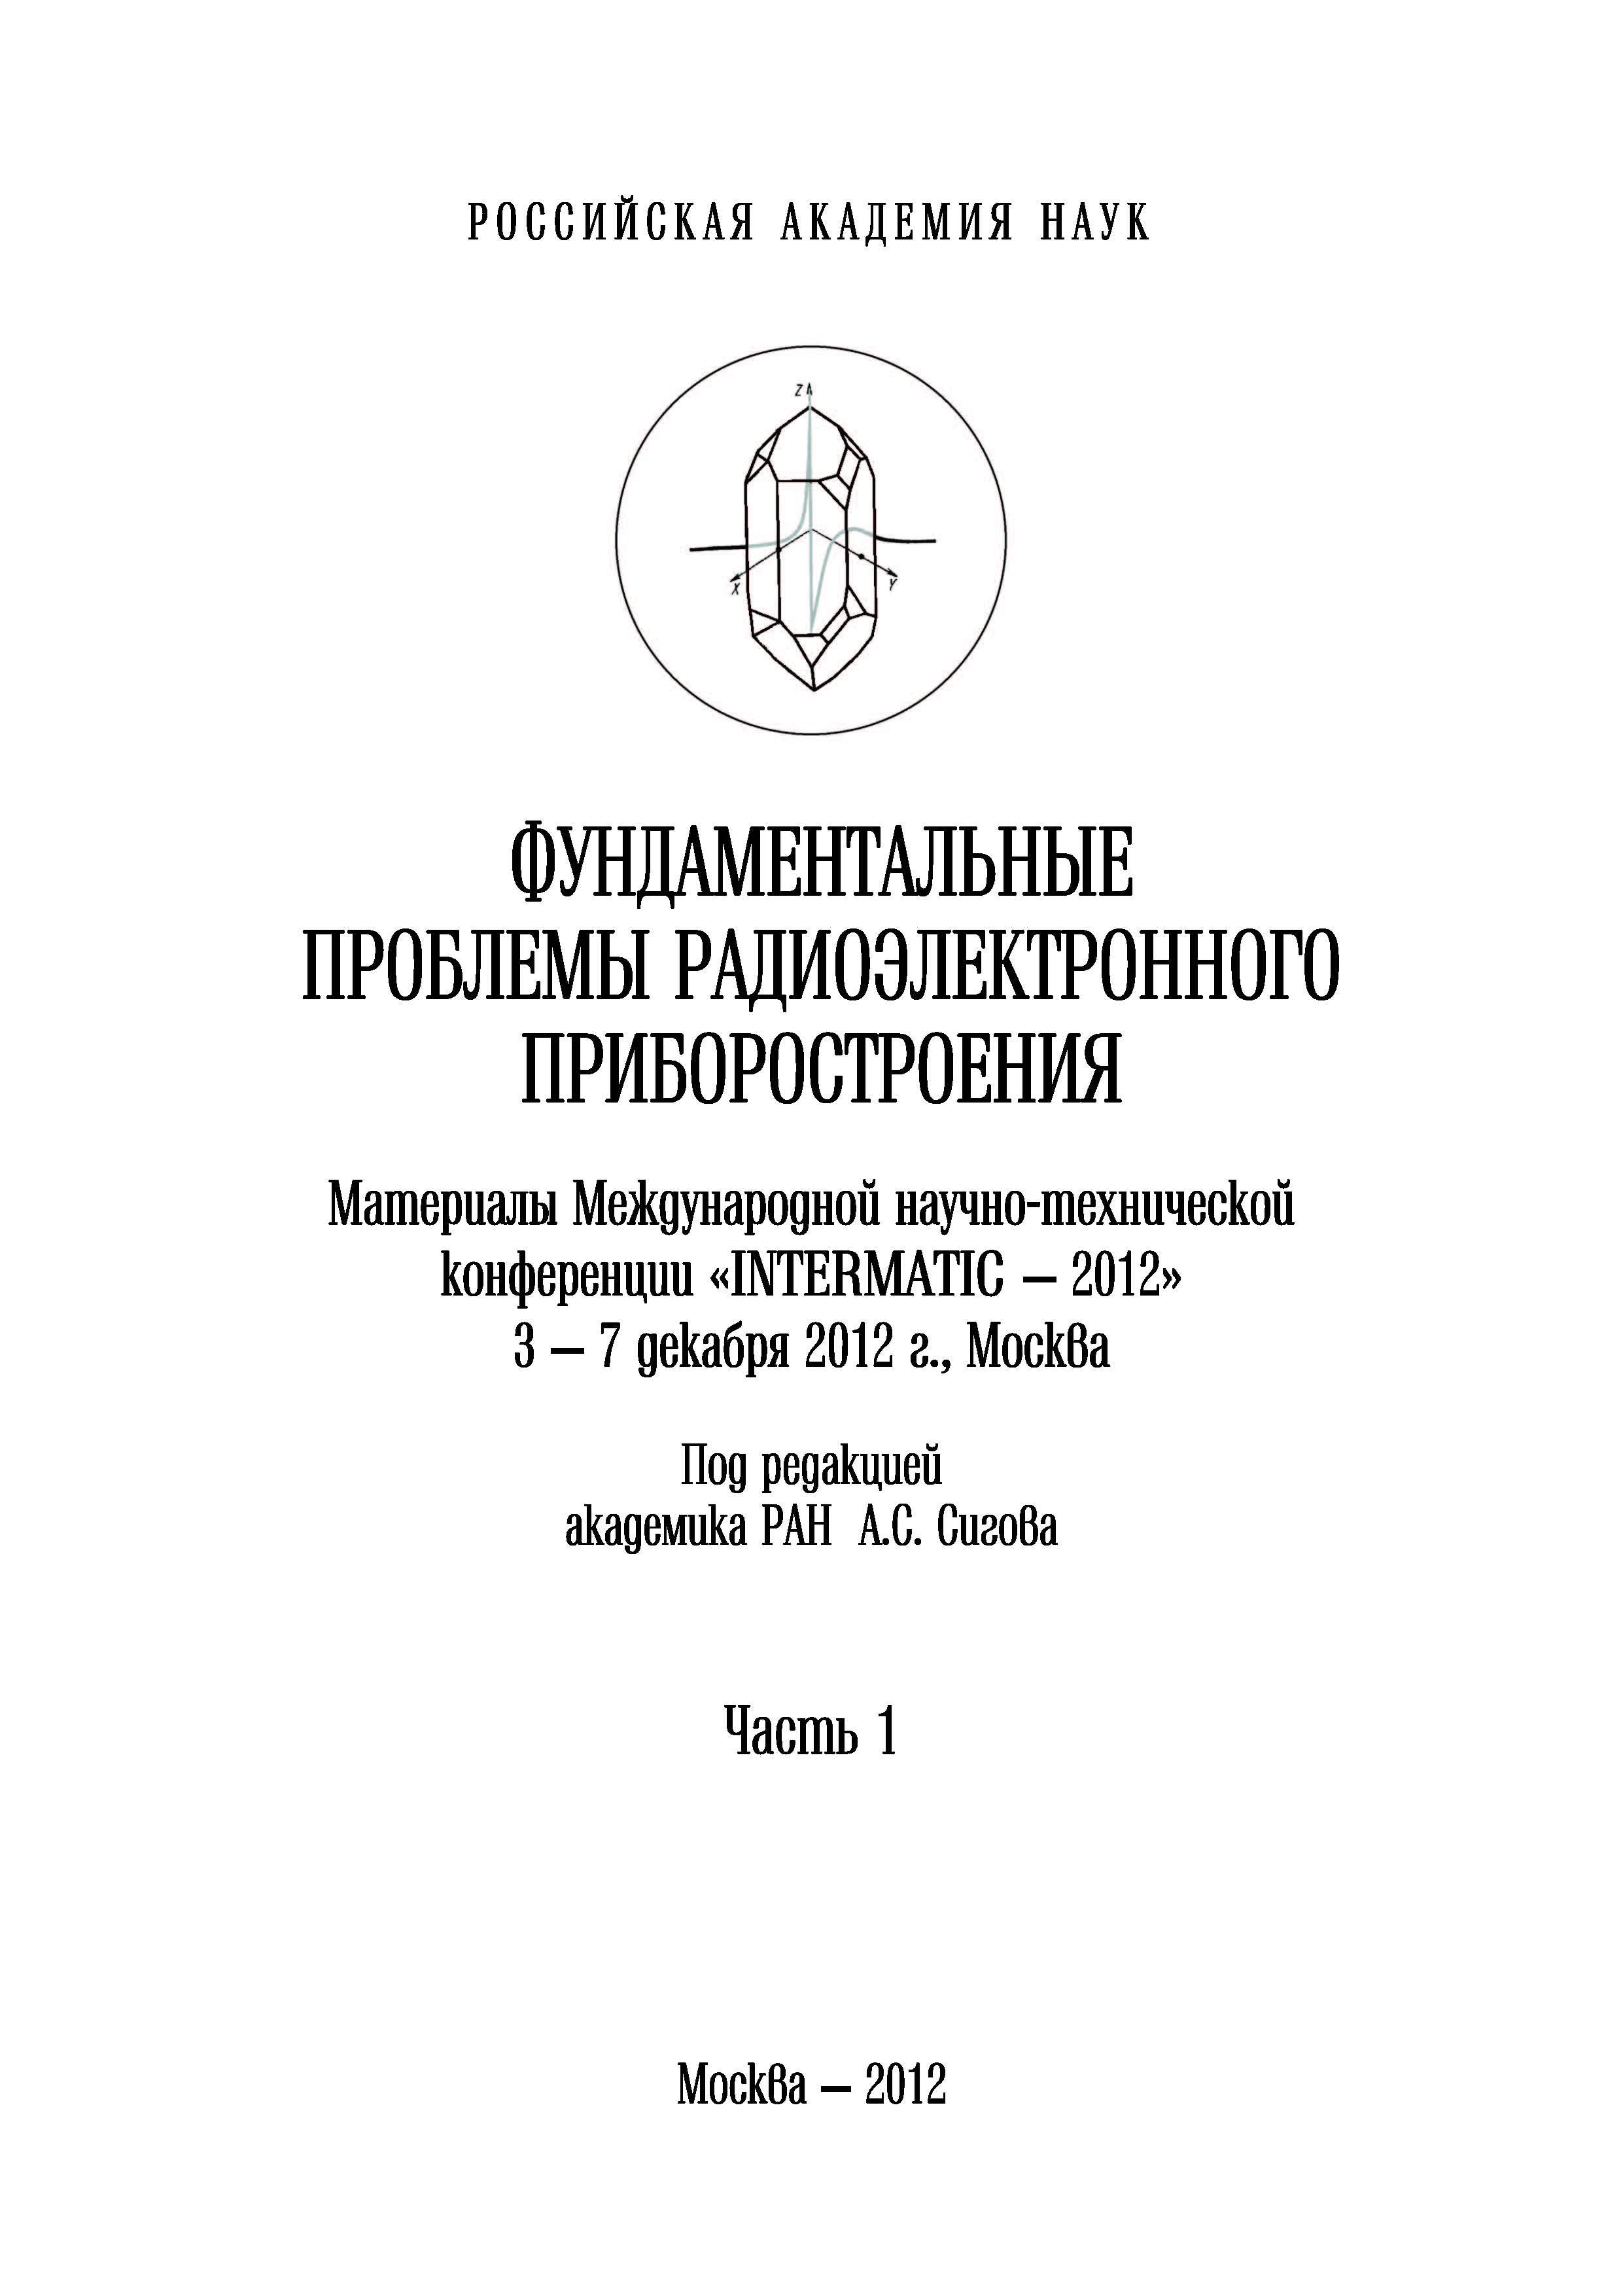 Модель морфологической коррекции в литографической технологии